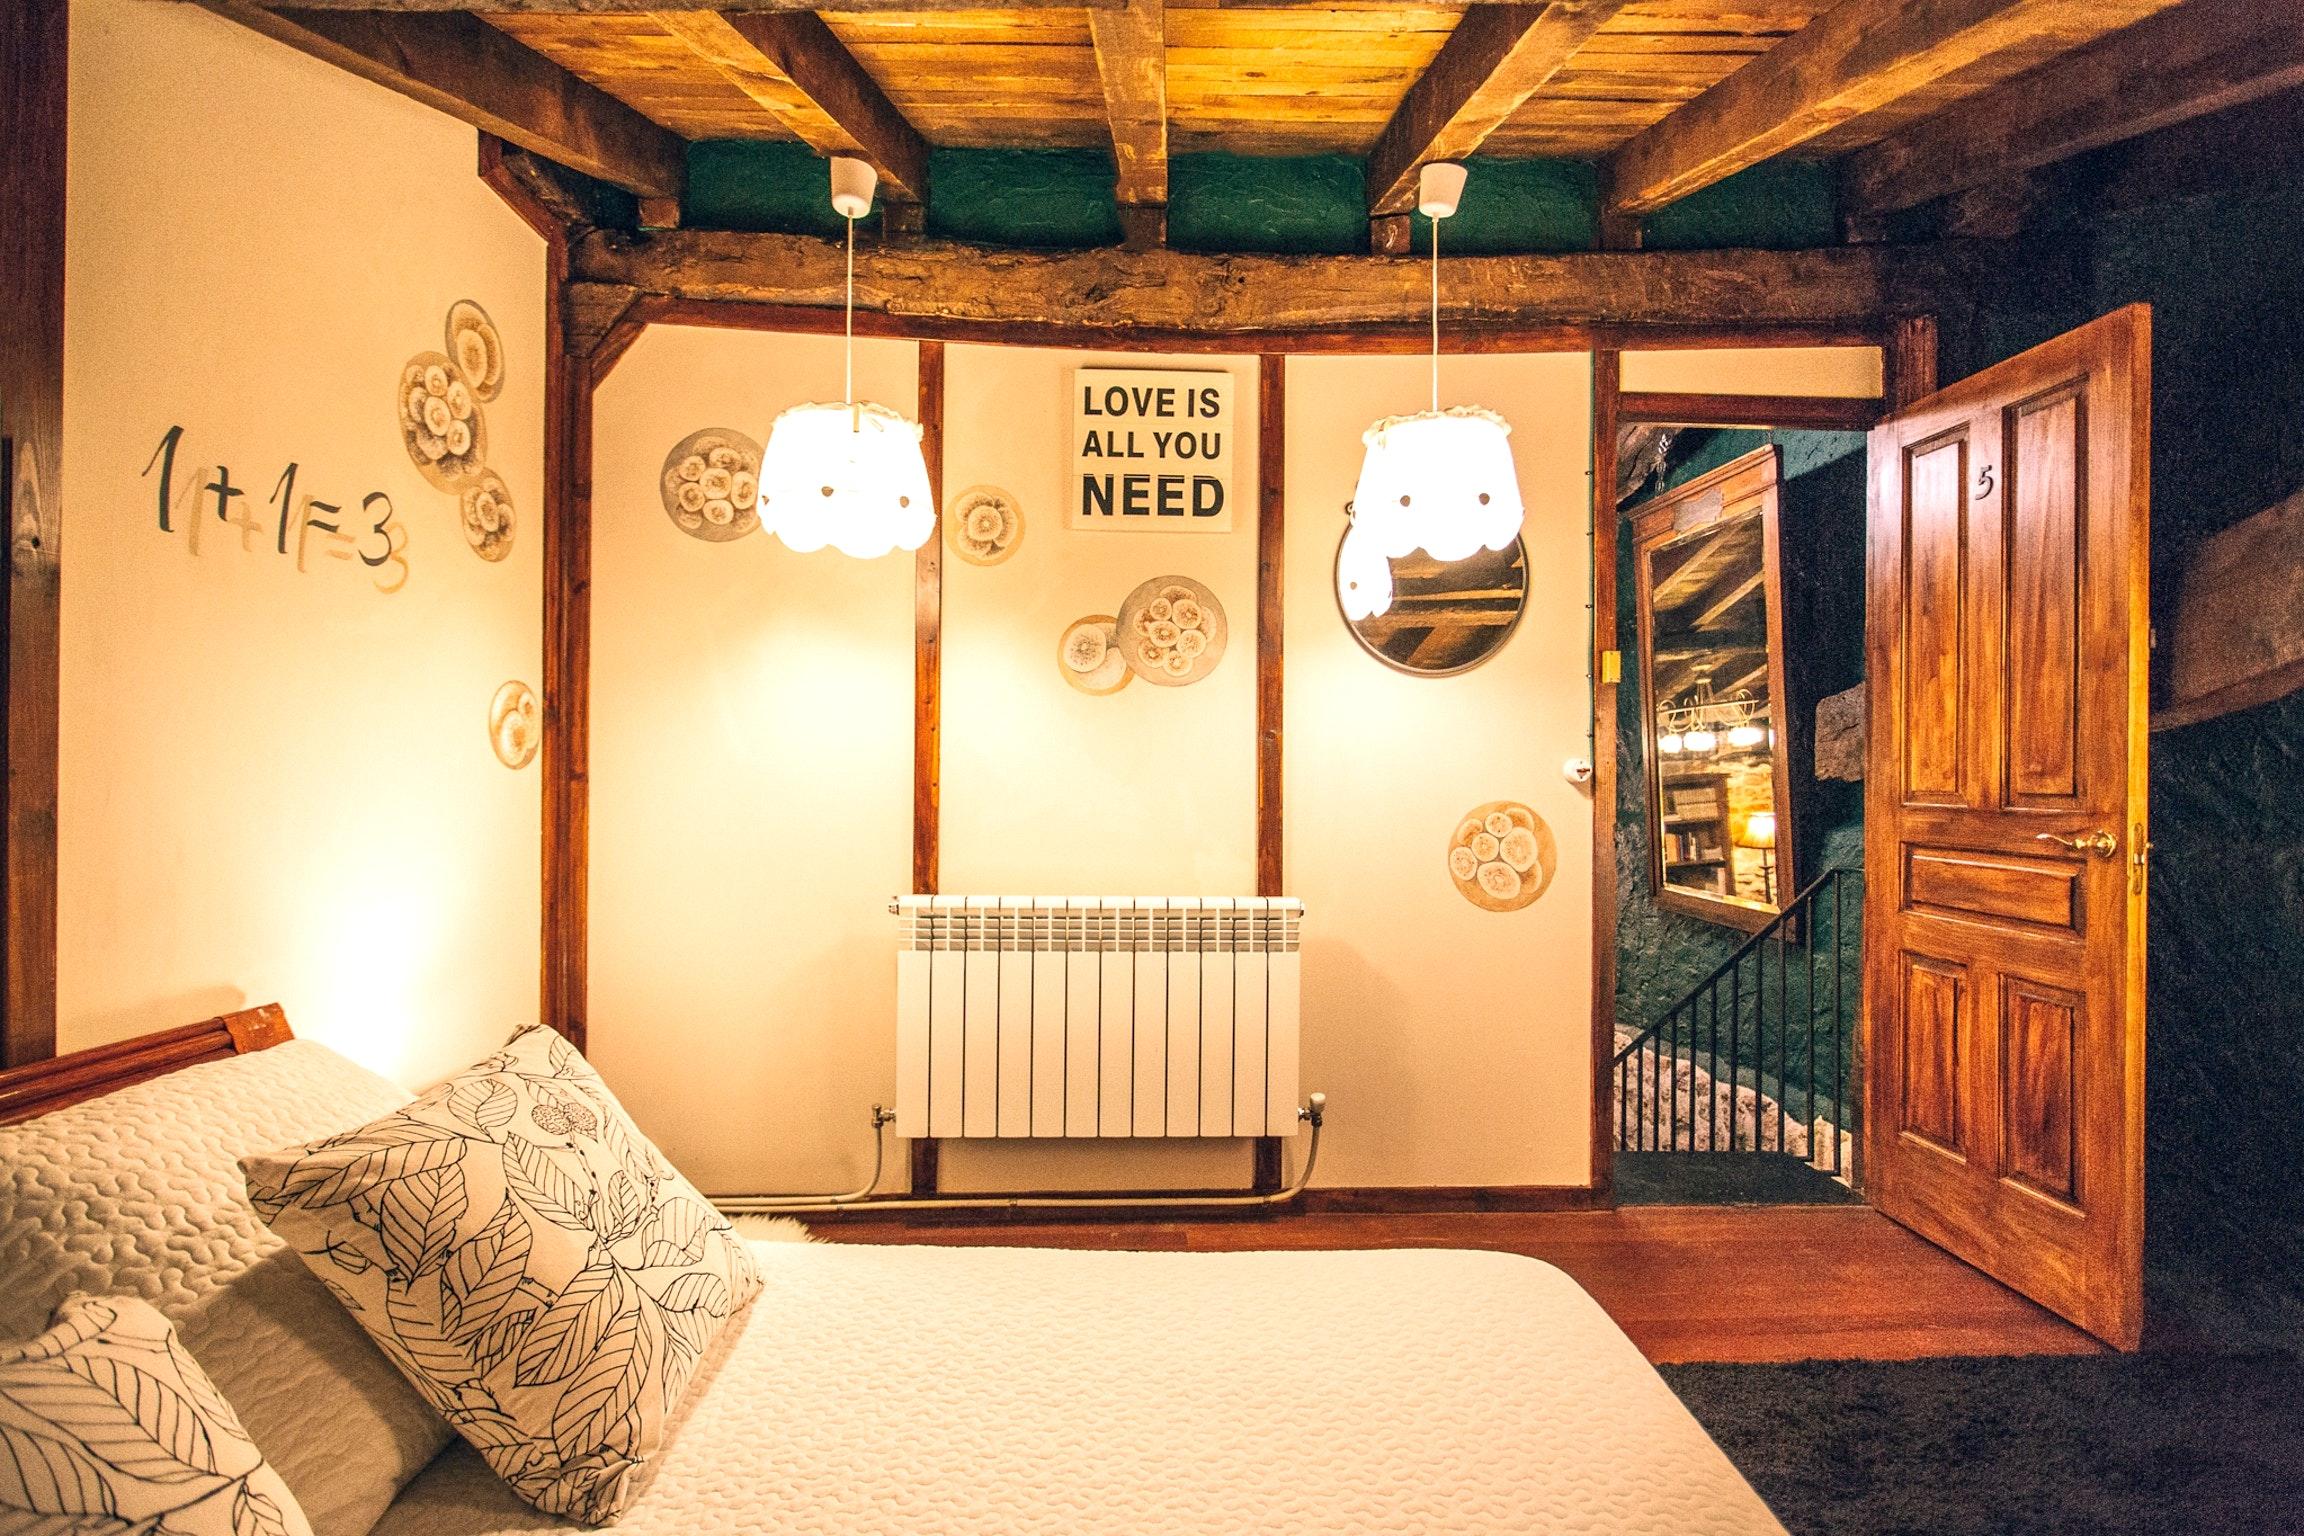 Ferienhaus Haus mit 5 Zimmern in Fuenteodra mit toller Aussicht auf die Berge, eingezäuntem Garten un (2211142), Fuenteodra, Burgos, Kastilien-León, Spanien, Bild 16